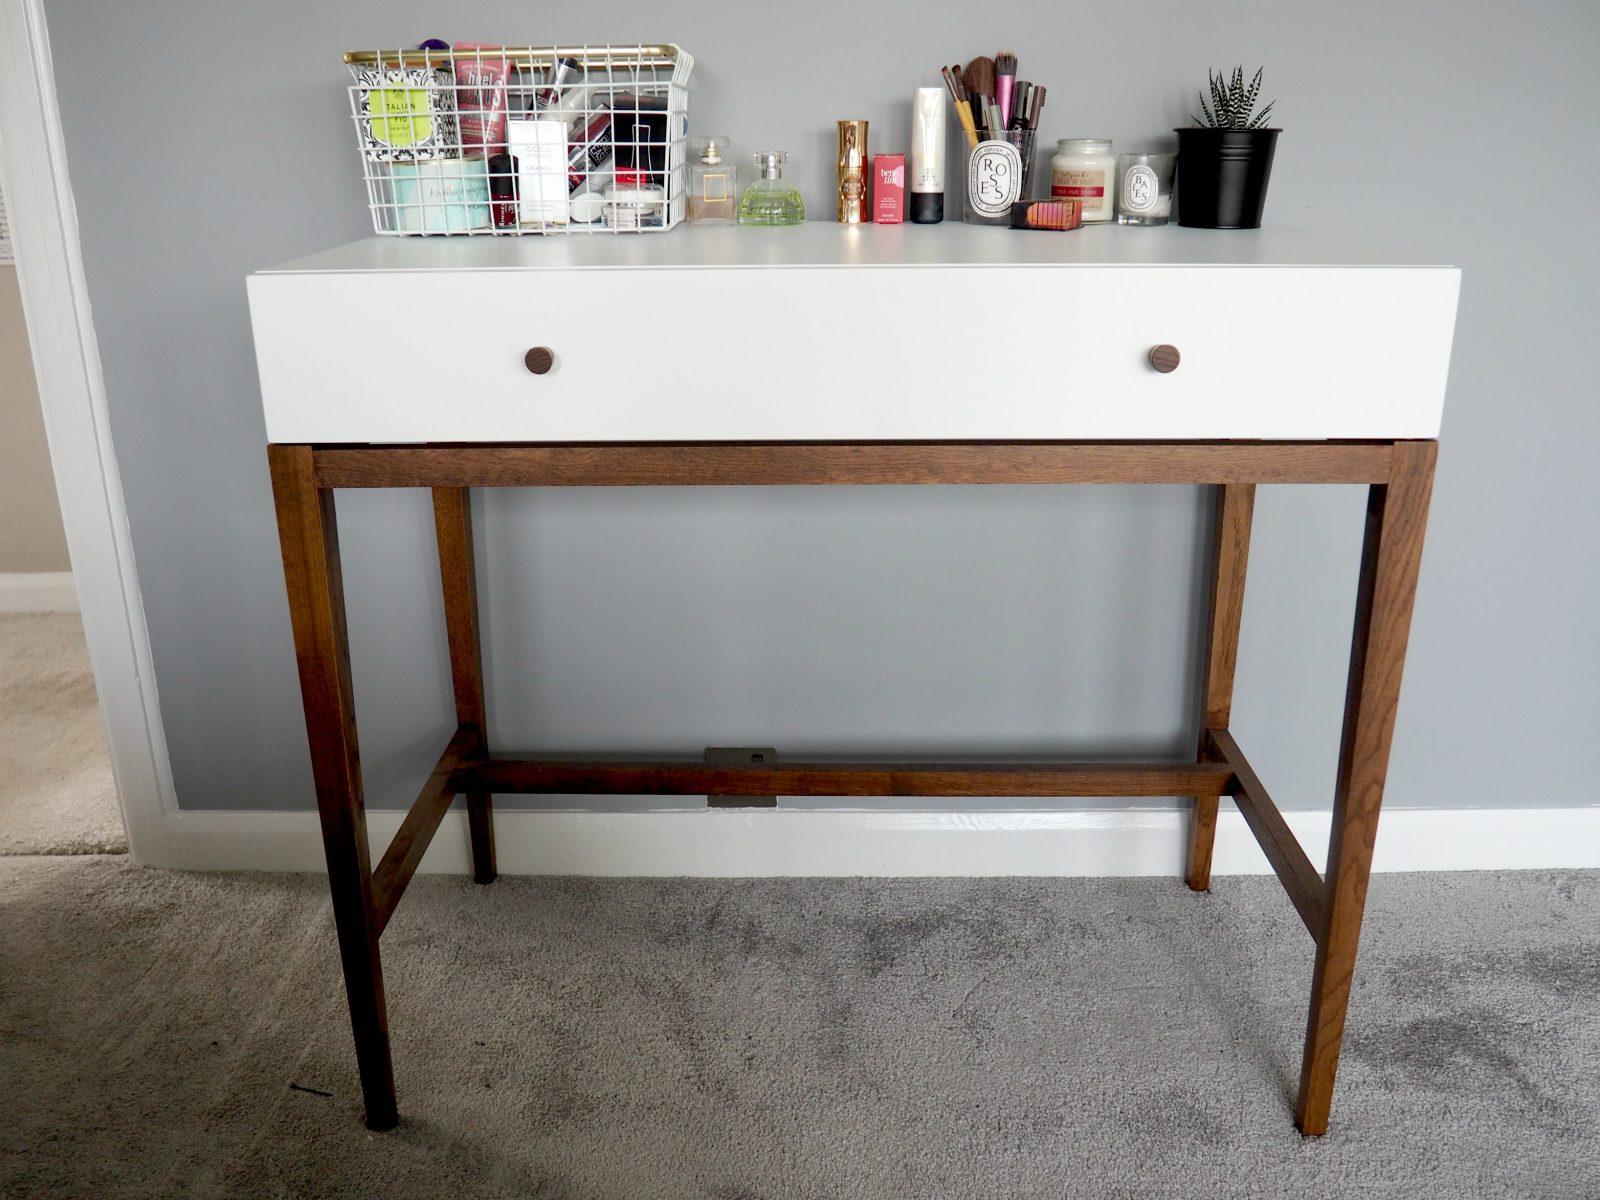 My New Habitat Tatsuma Dressing Table of Dreams